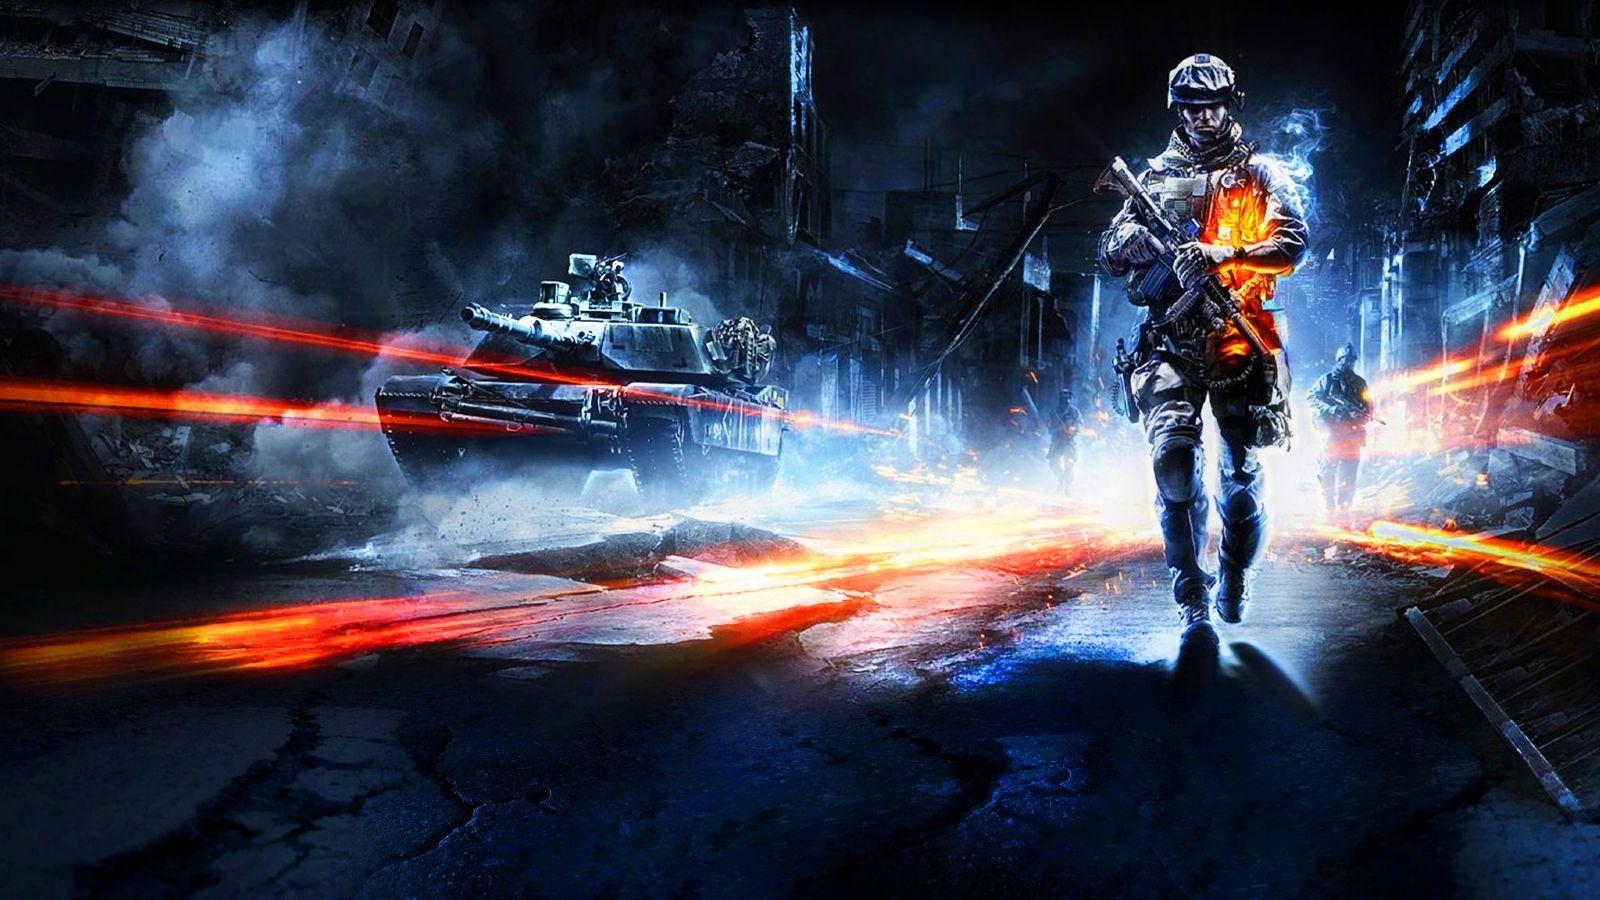 Battlefield 3 -3 by qcsybe.deviantart.com on @deviantART